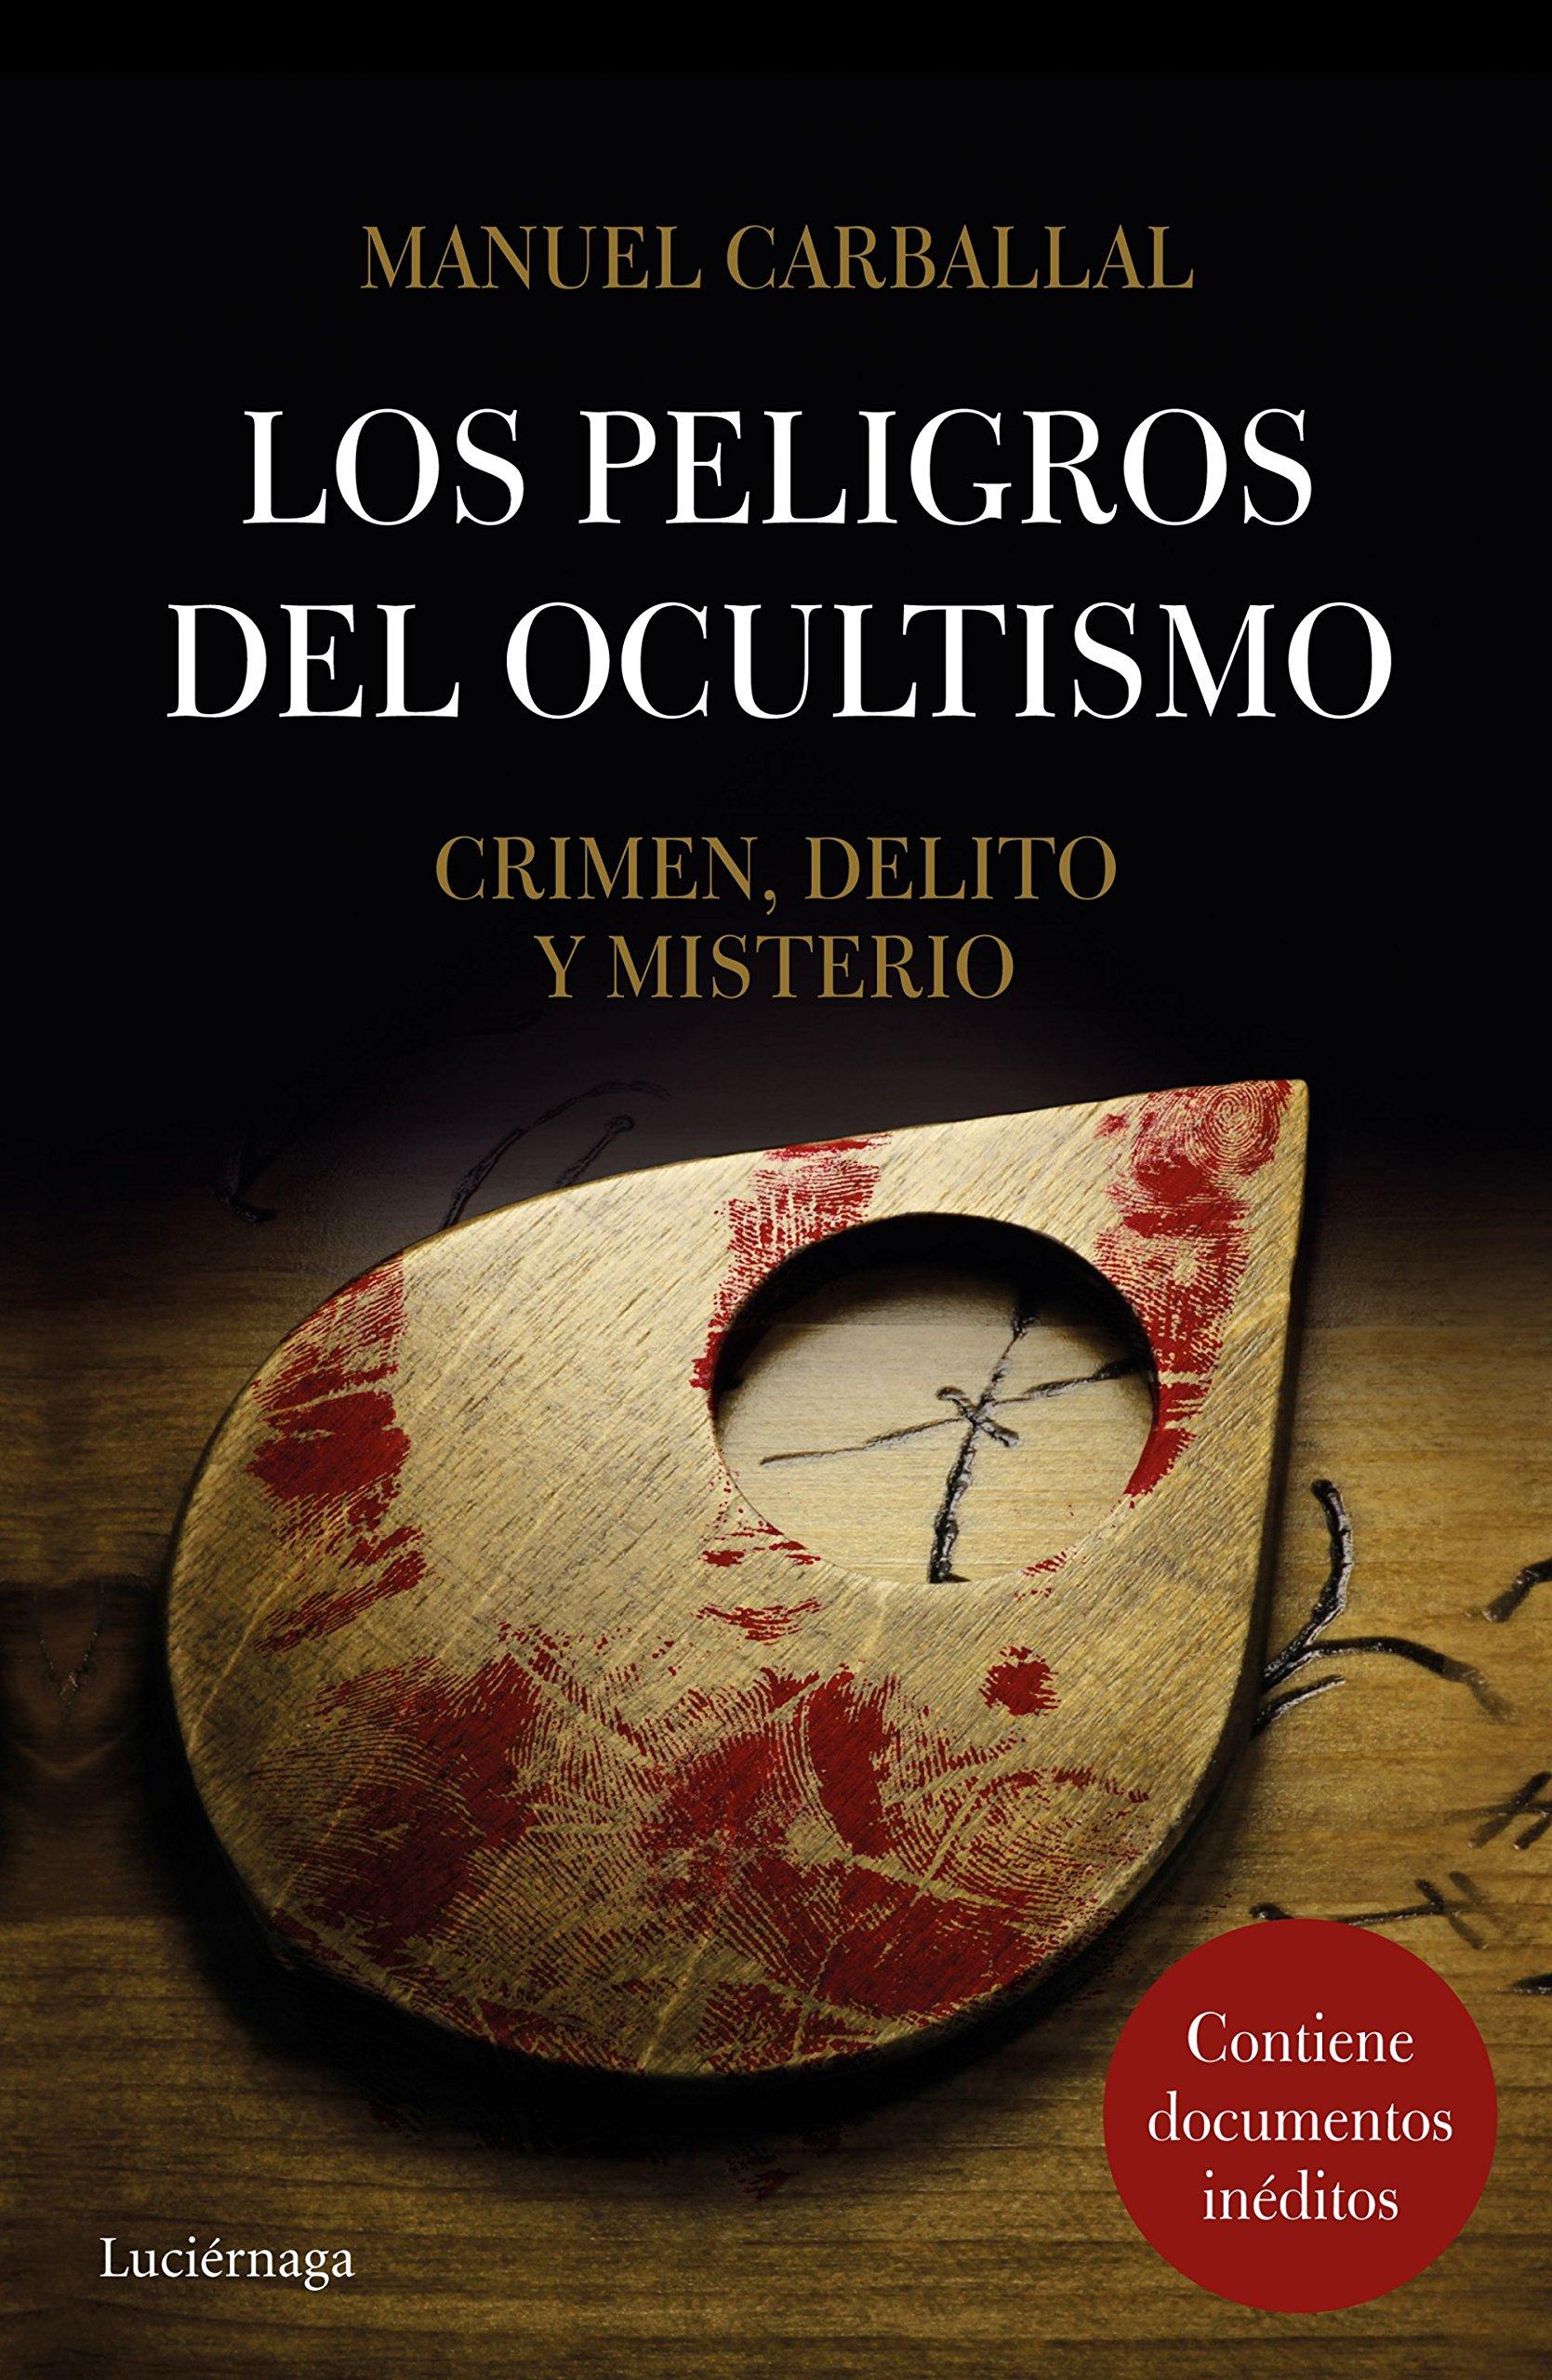 Los peligros del ocultismo: Crimen, delito y misterio ENIGMAS Y CONSPIRACIONES: Amazon.es: Manuel Carballal: Libros